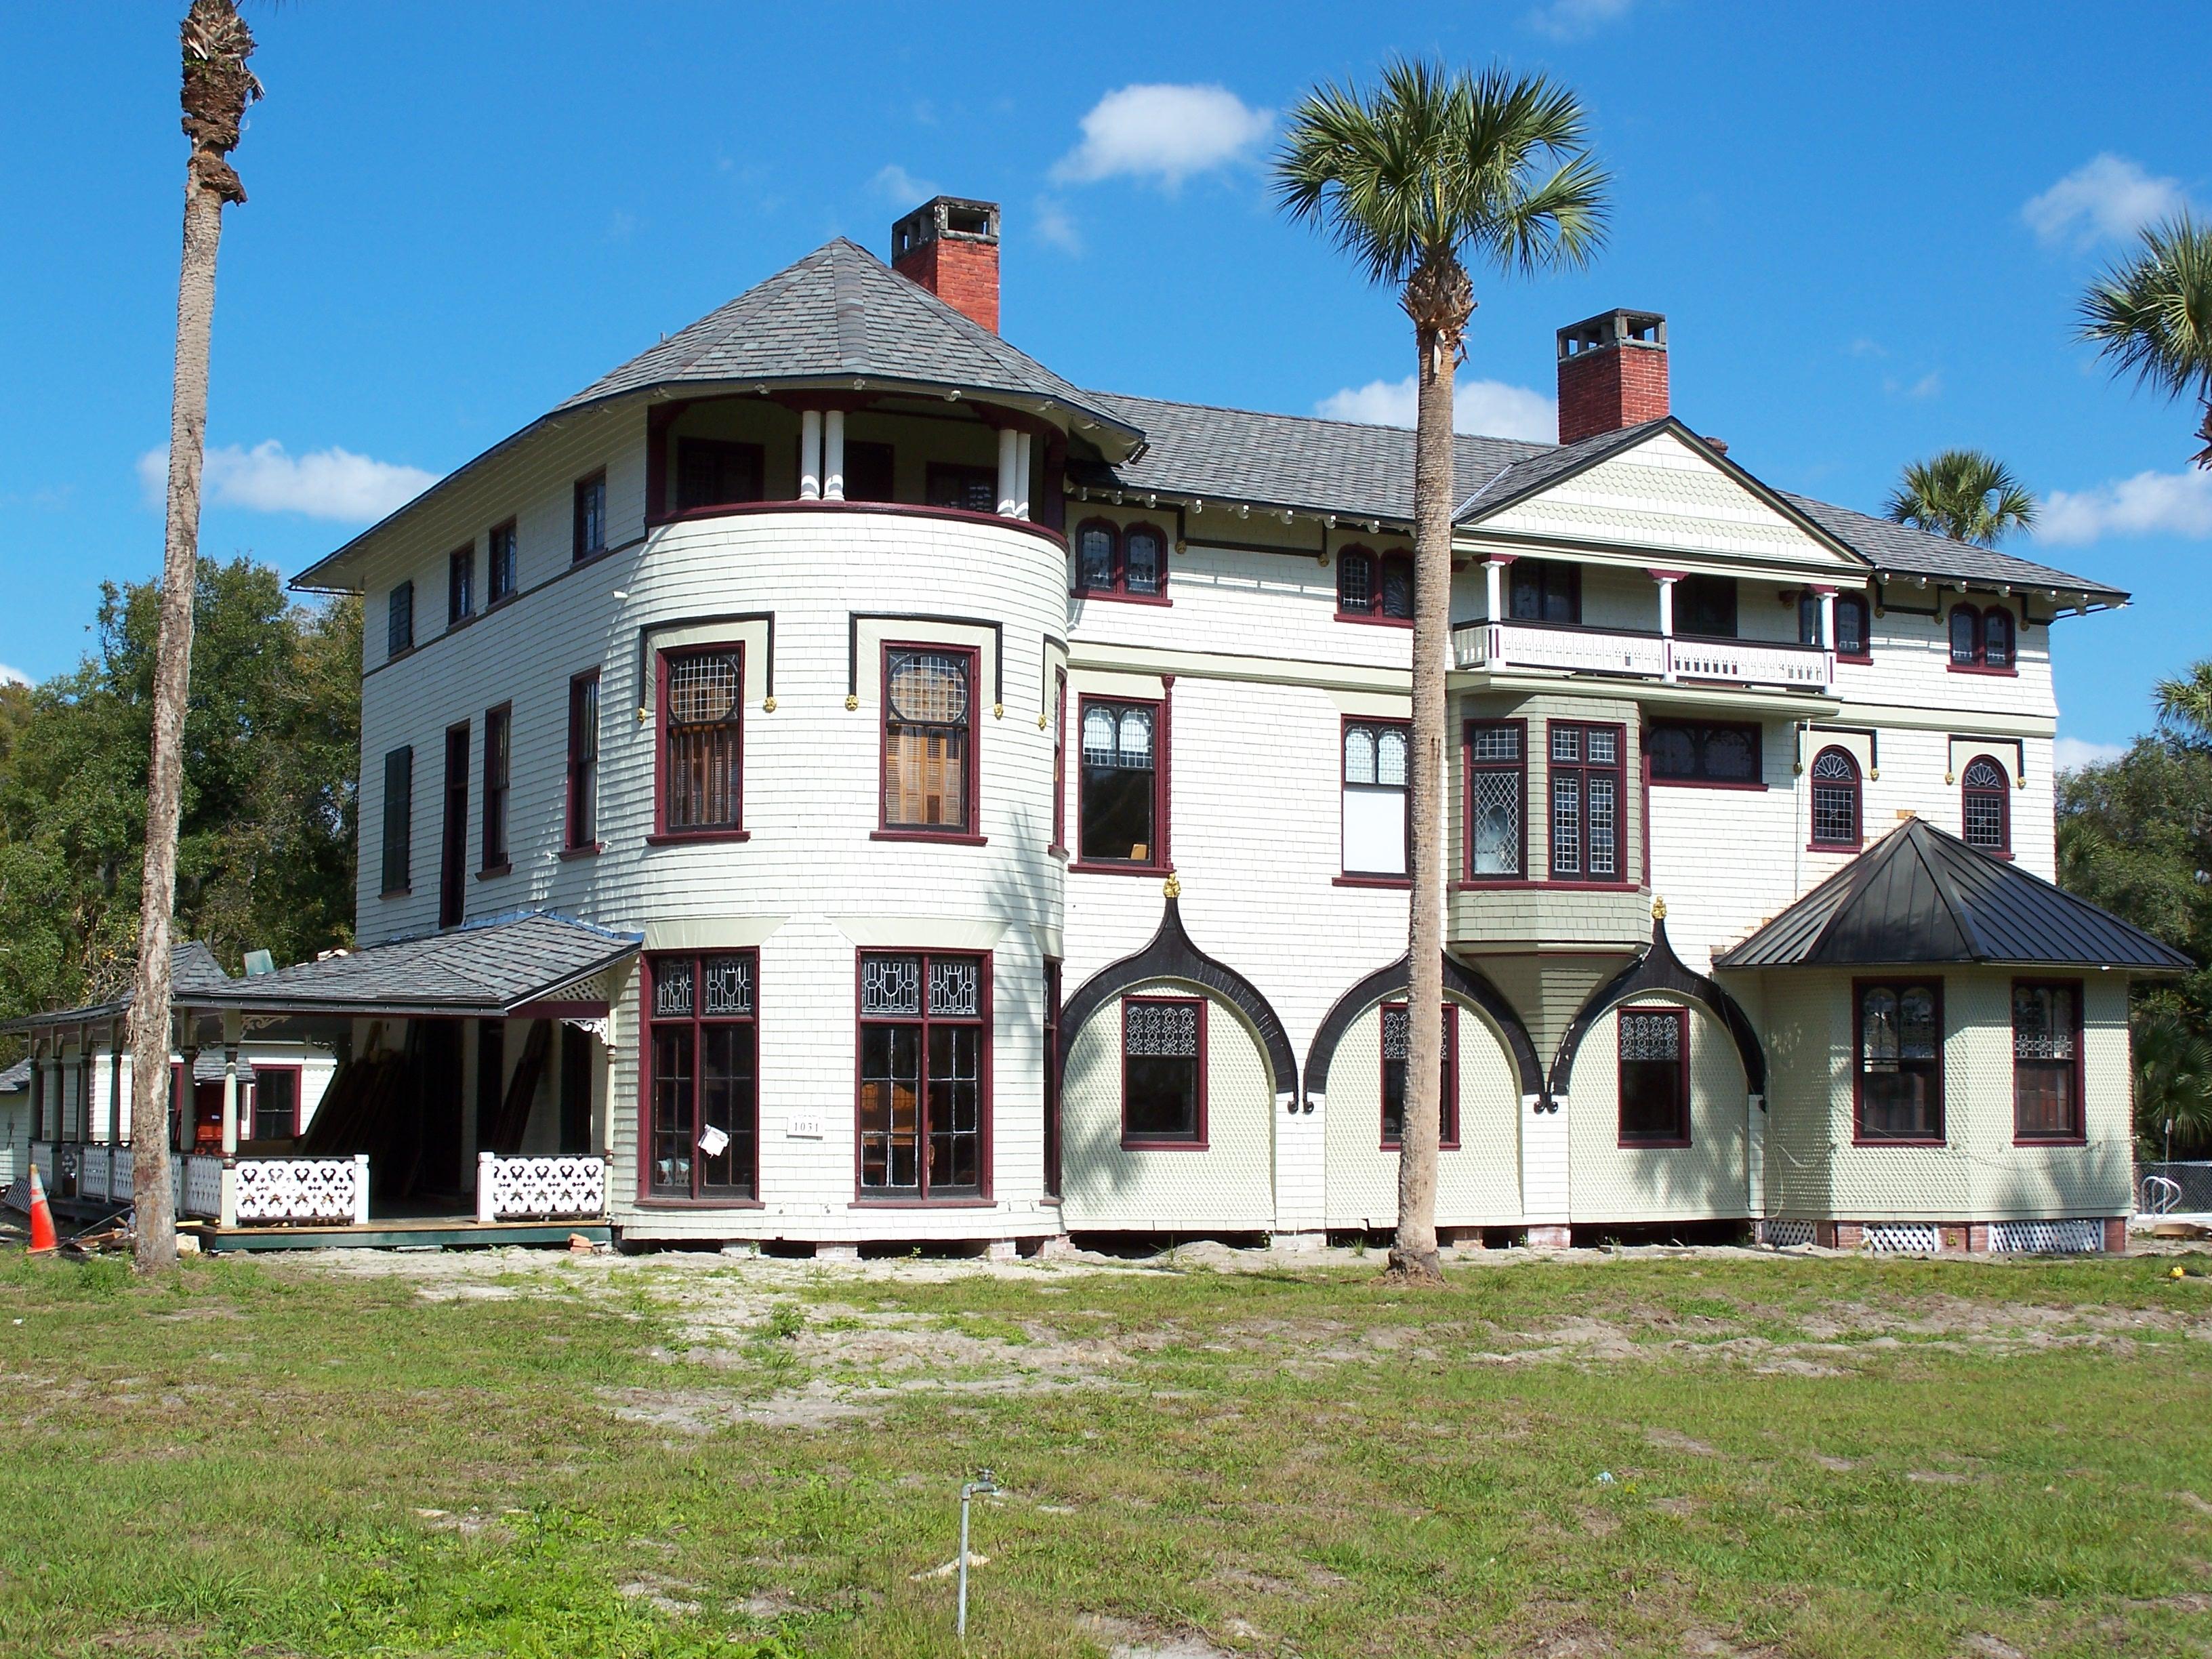 John B. Stetson House Wikipedia